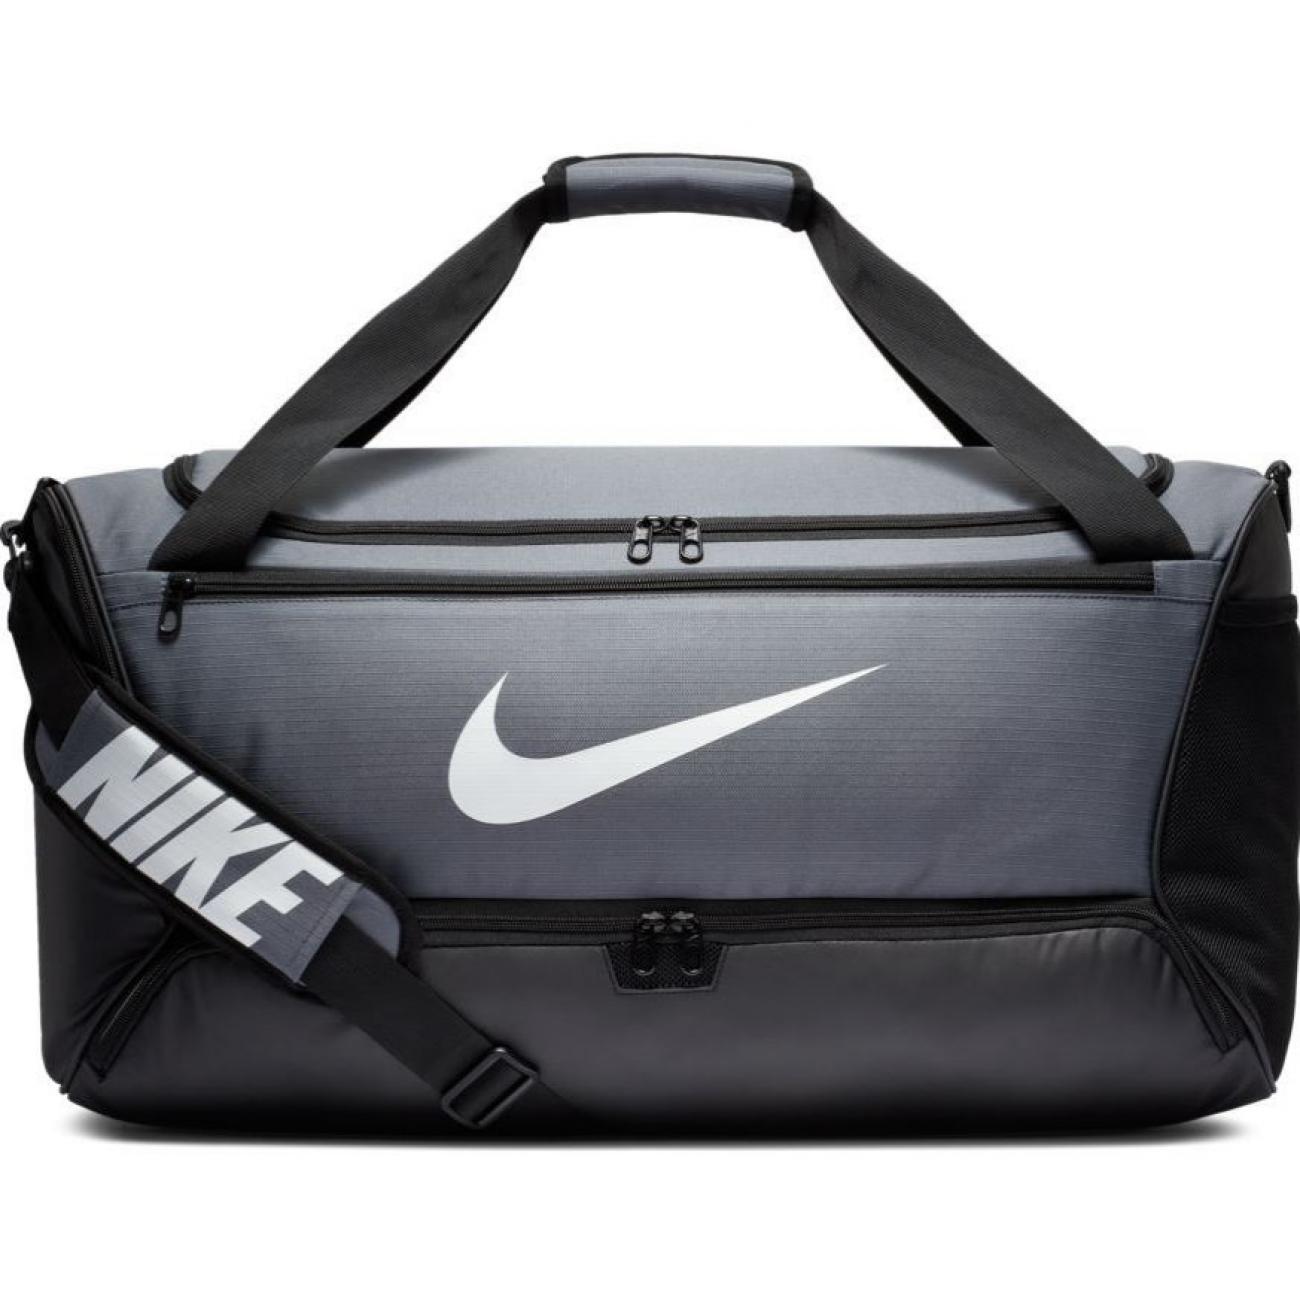 Nike Brsla m backpack